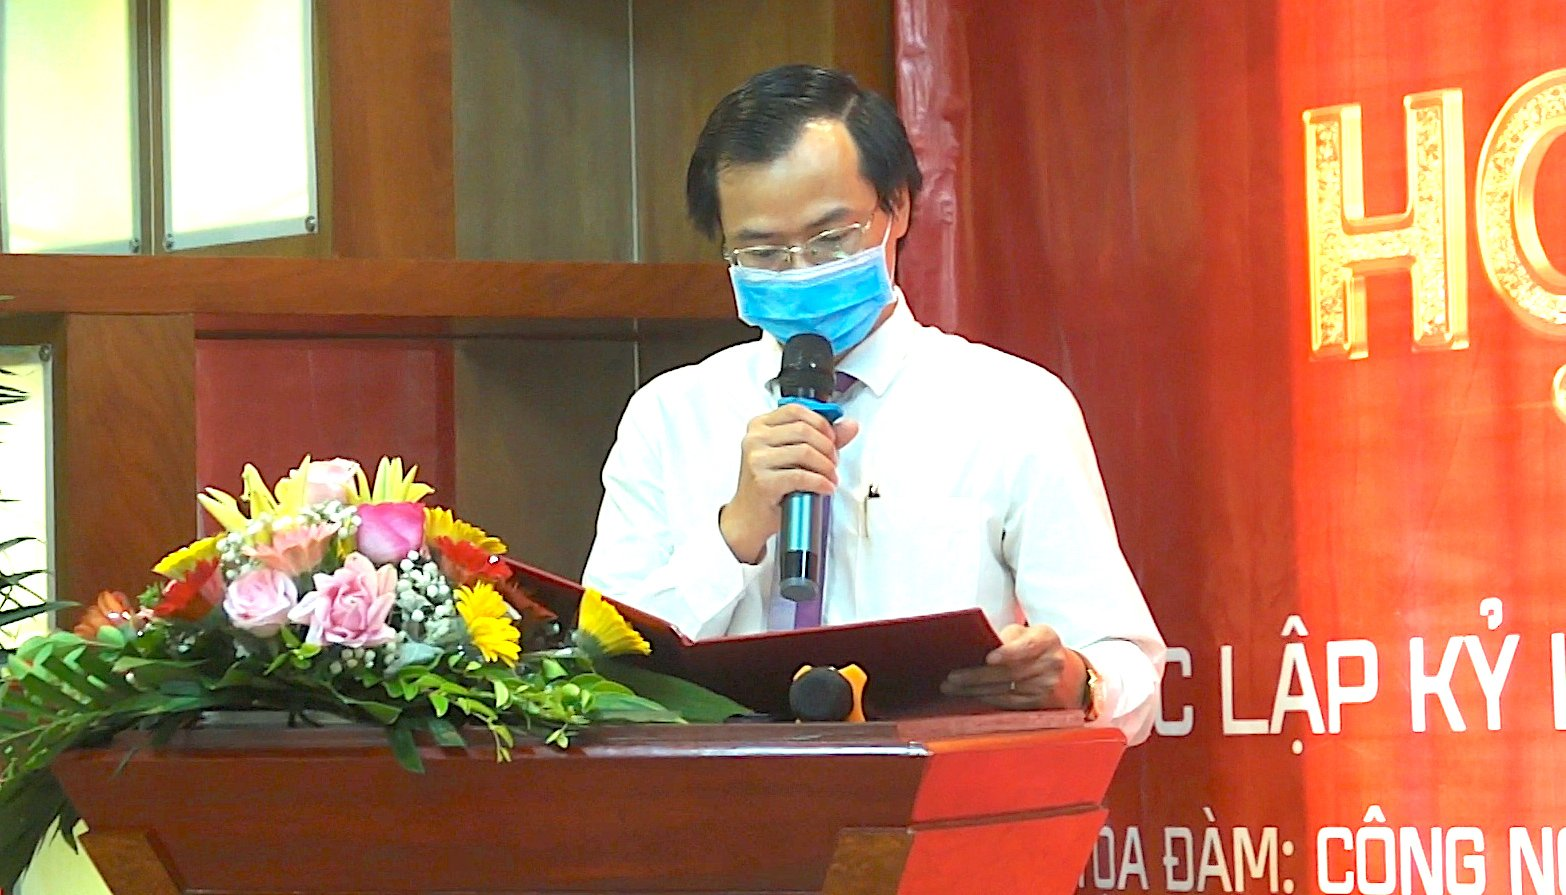 Ông Hoàng Thái Tuấn Anh (phải) – Trưởng đại diện Văn phòng Kỷ lục Việt Nam tại miền Bắc đại diện Tổ chức Kỷ lục Việt Nam công bố quyết định.